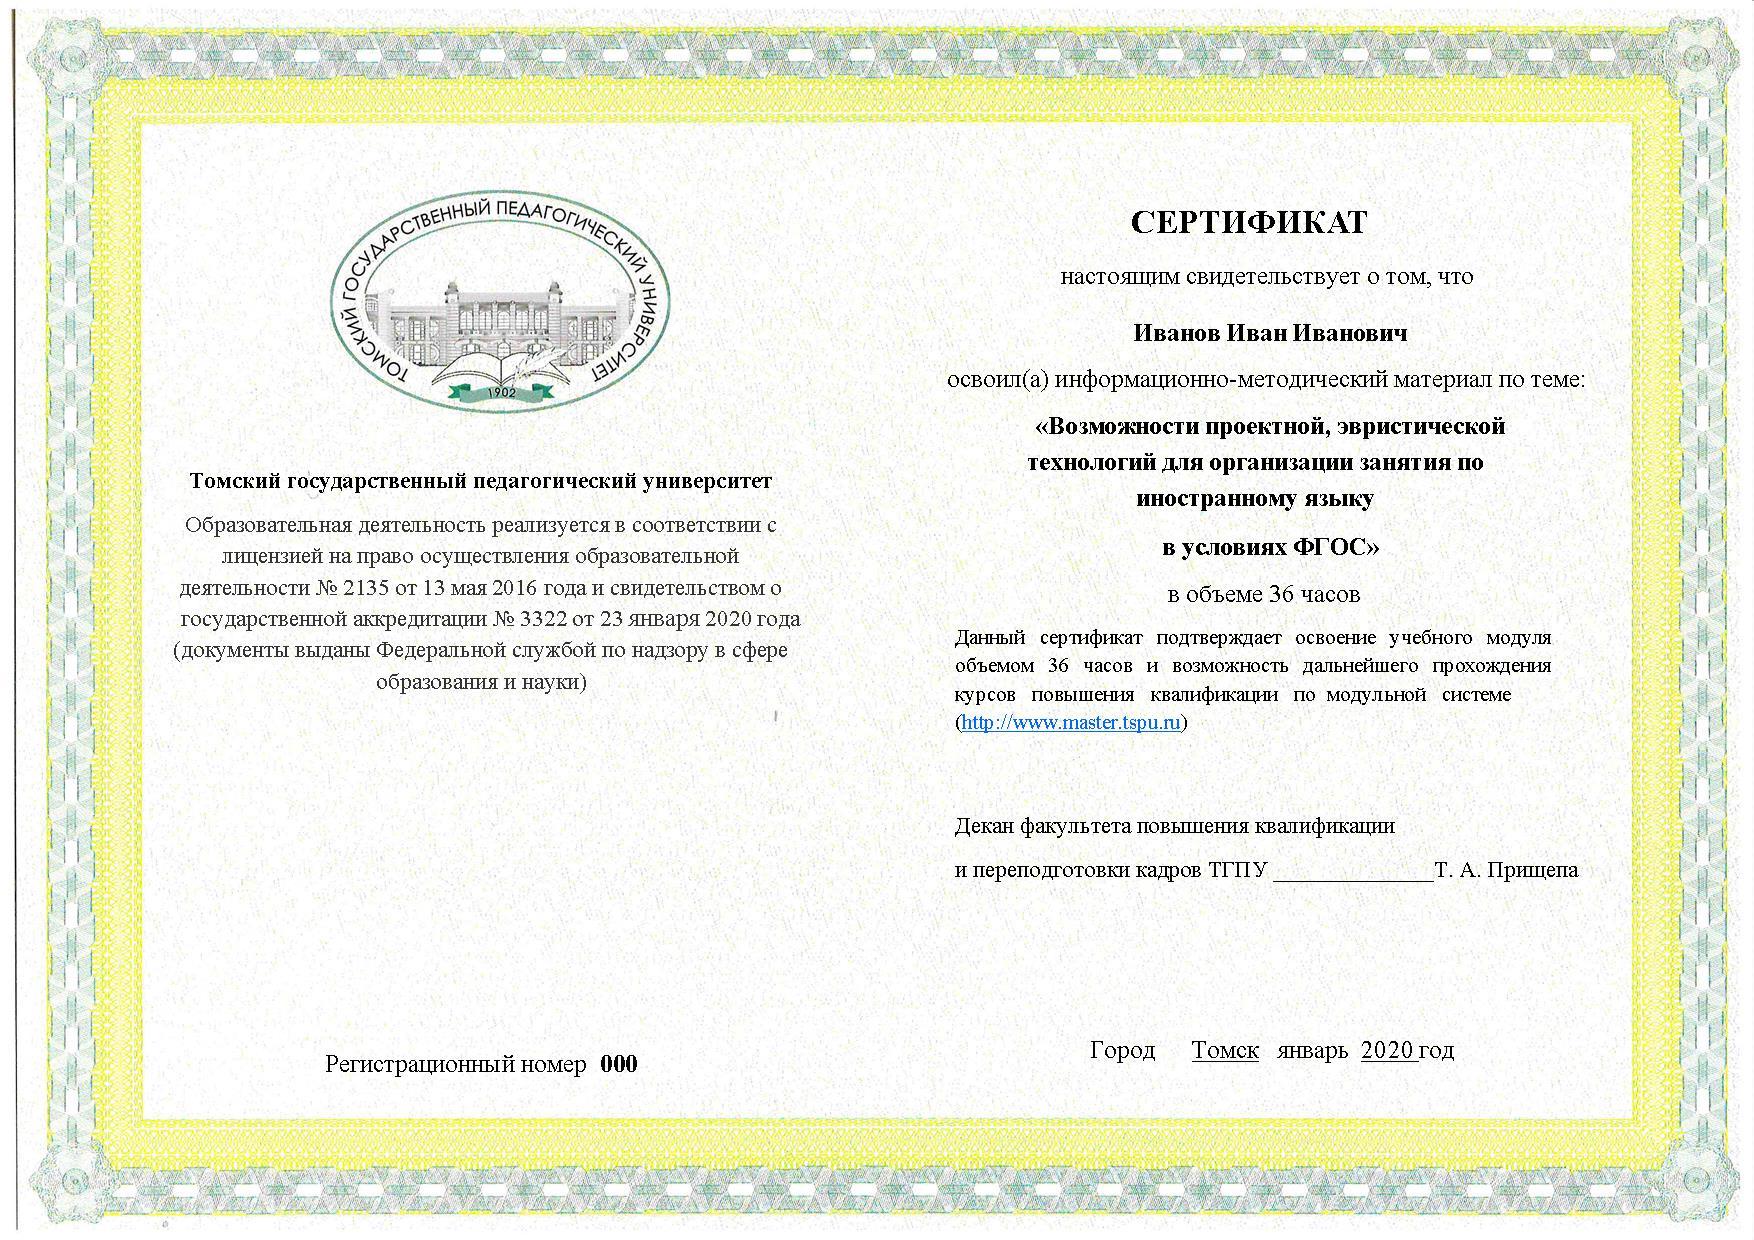 Профессиональная сертификация учителей сертификация на автотранспорте деталей машин